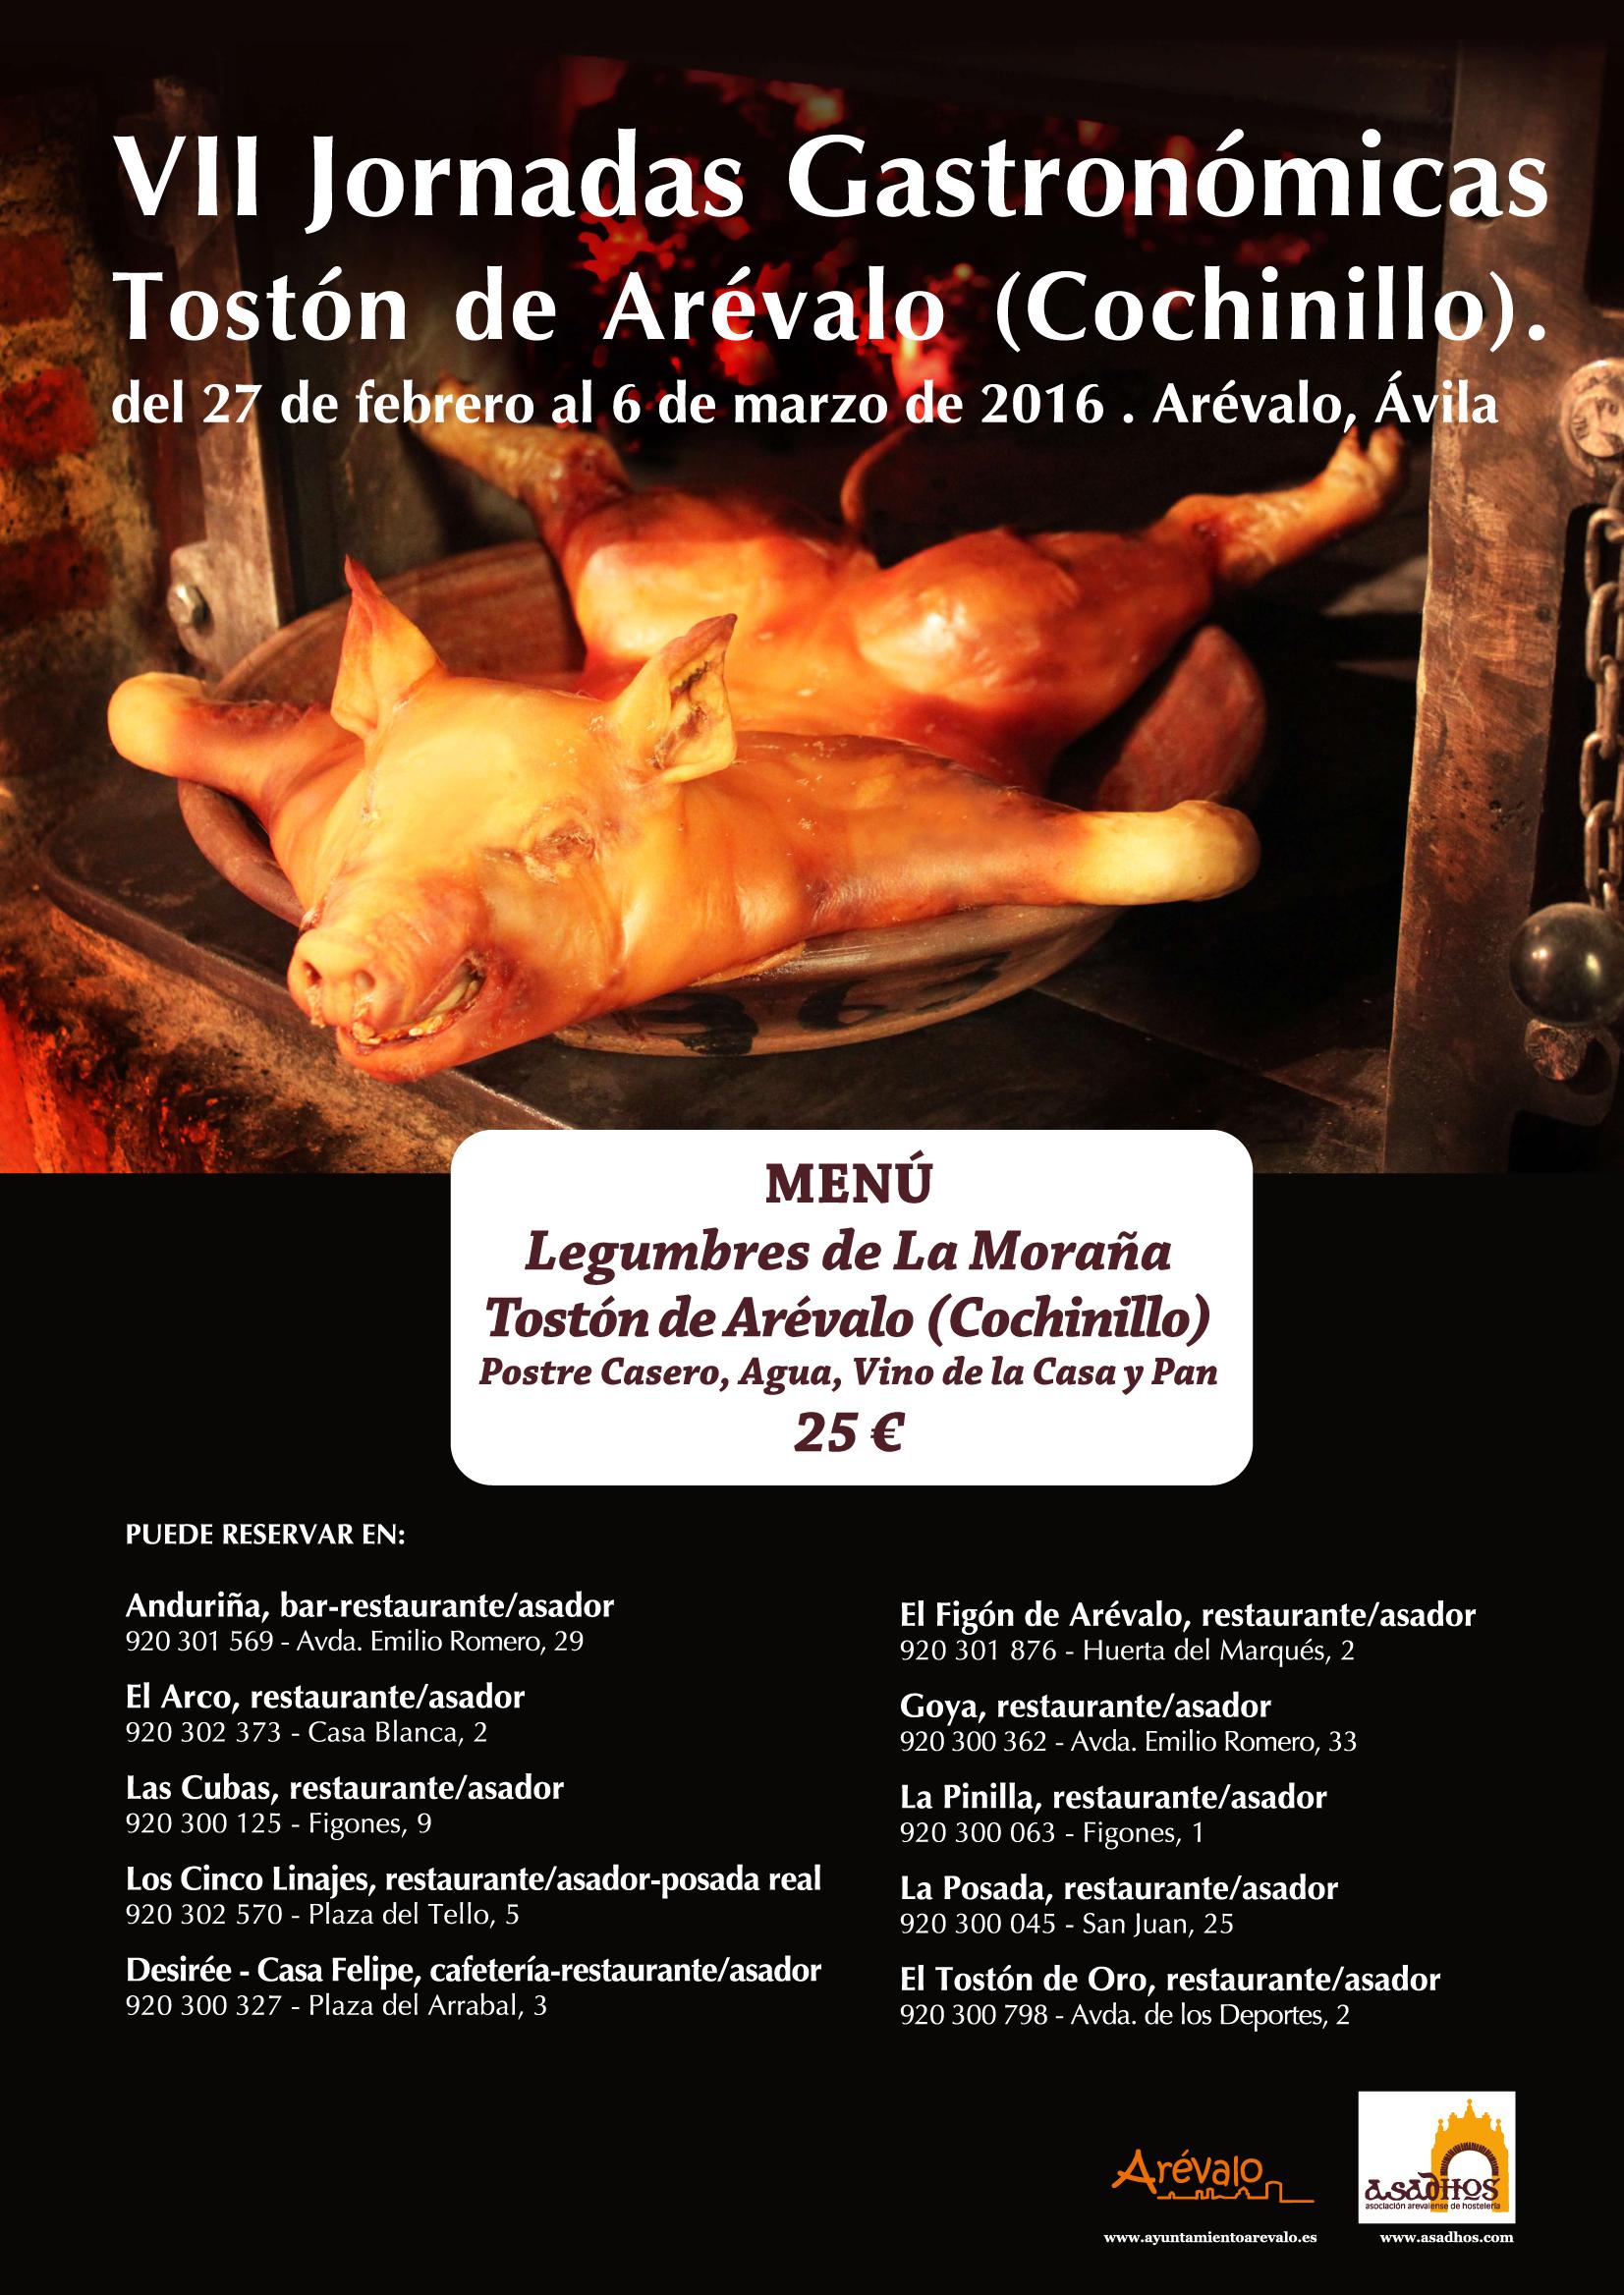 VII Jornadas Gastronómicas del Tostón de Arévalo